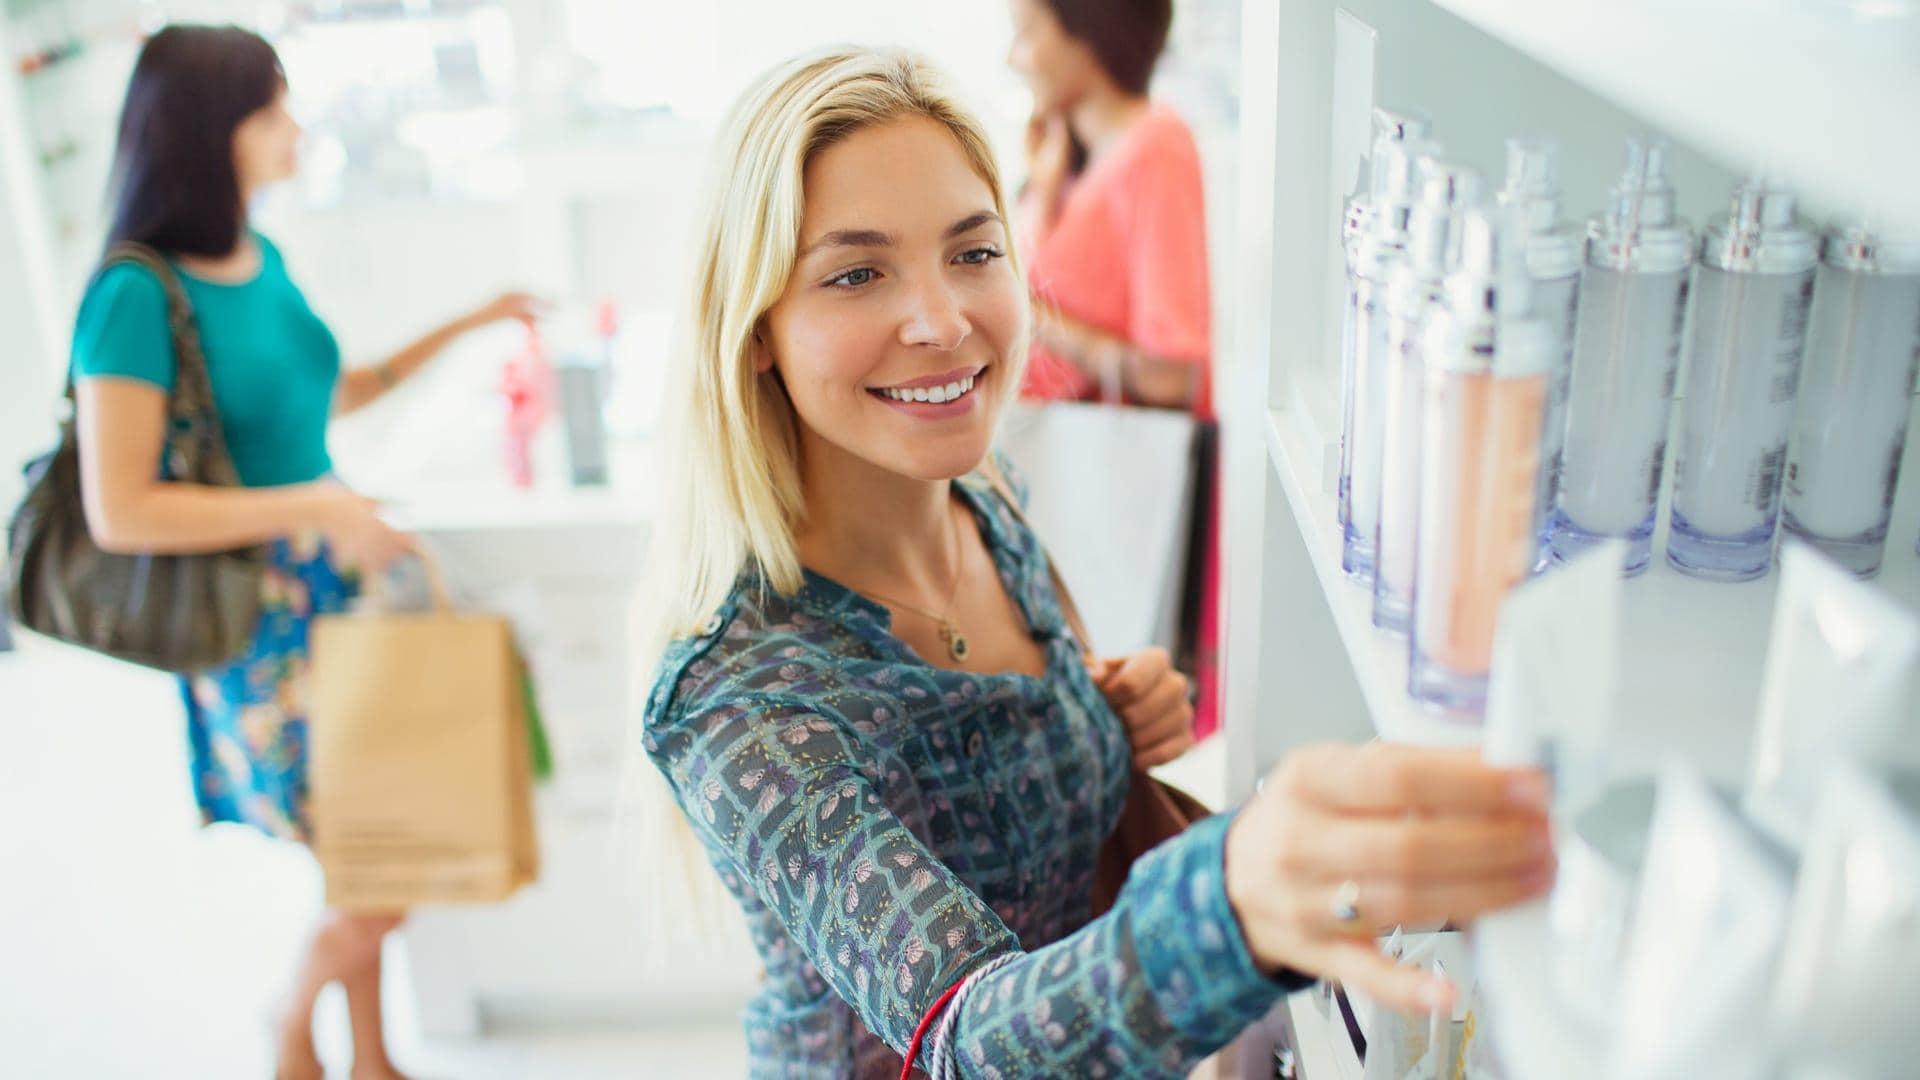 三位年轻女性选购美容产品